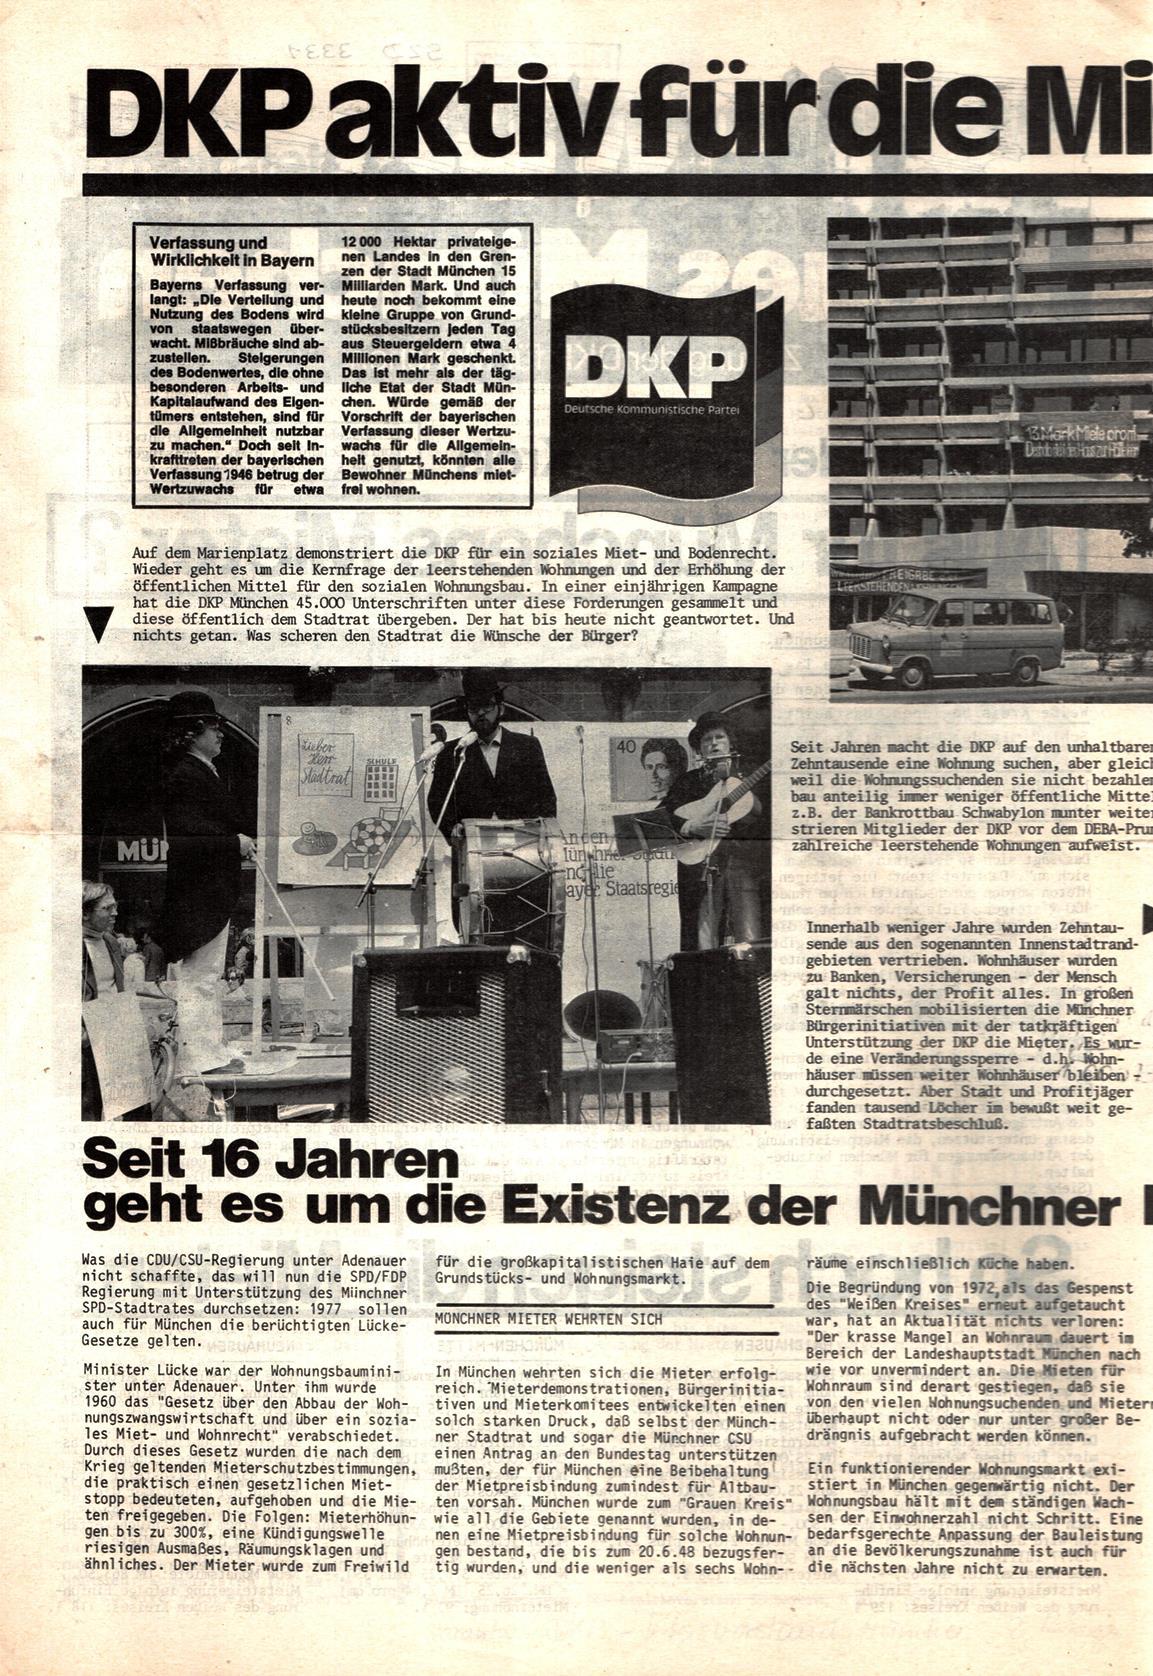 Muenchen_DKP_Neues_Muenchen_19761100_002